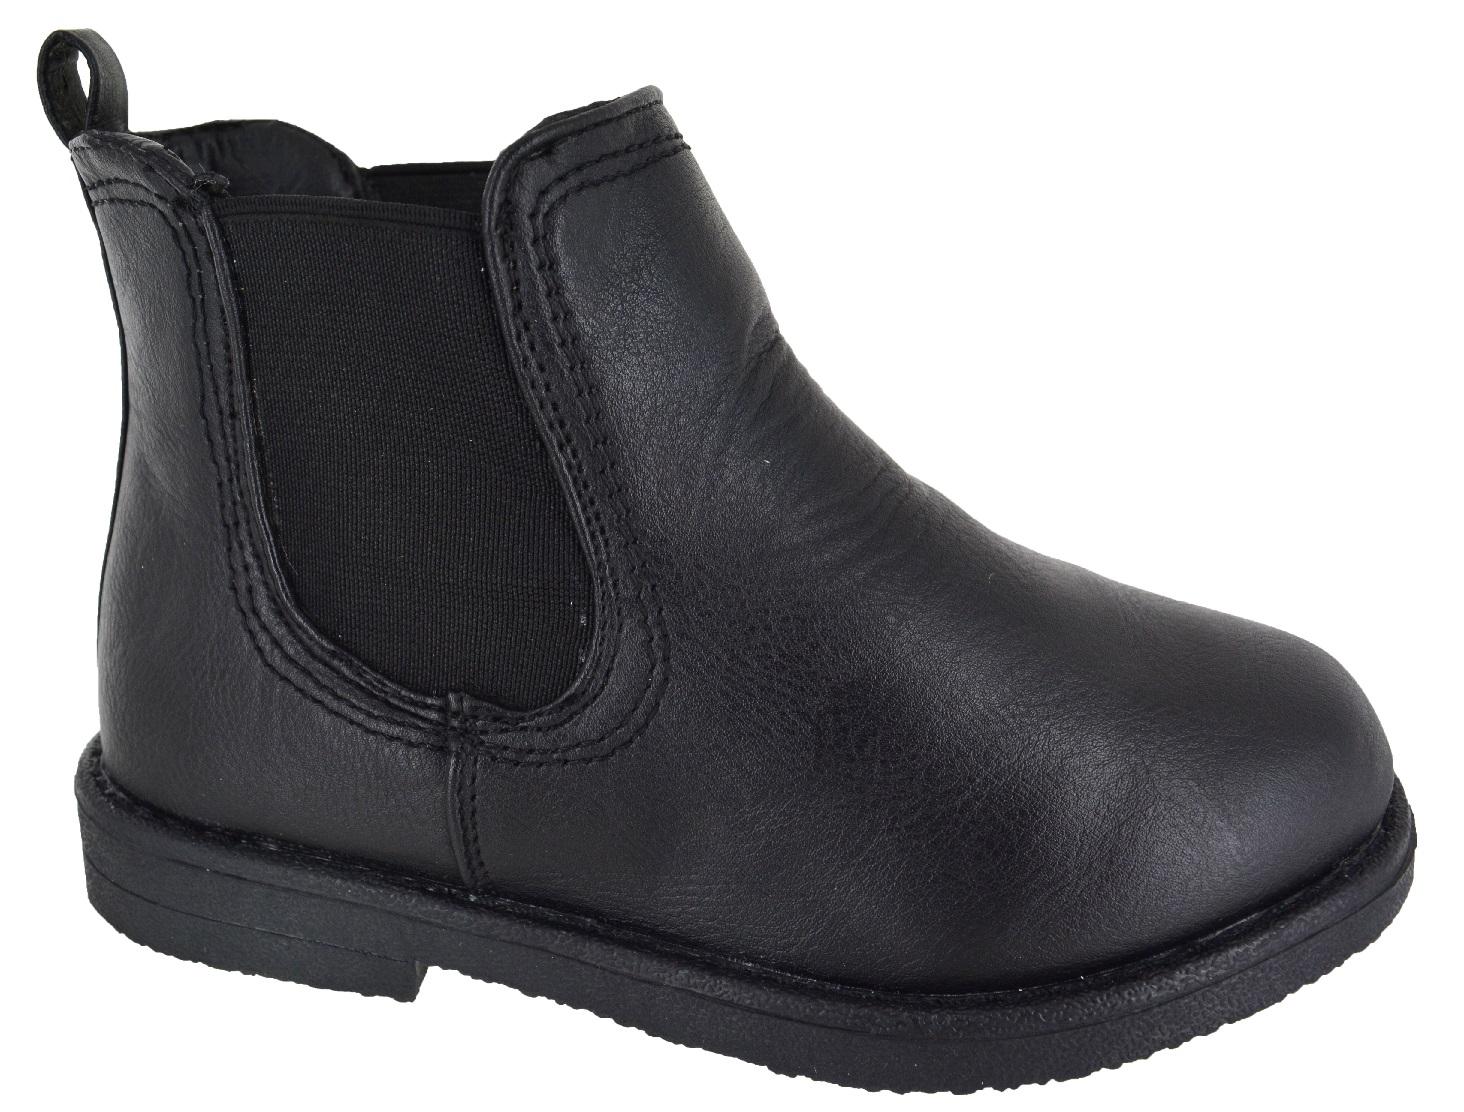 boys slip on ankle chelsea desert black school